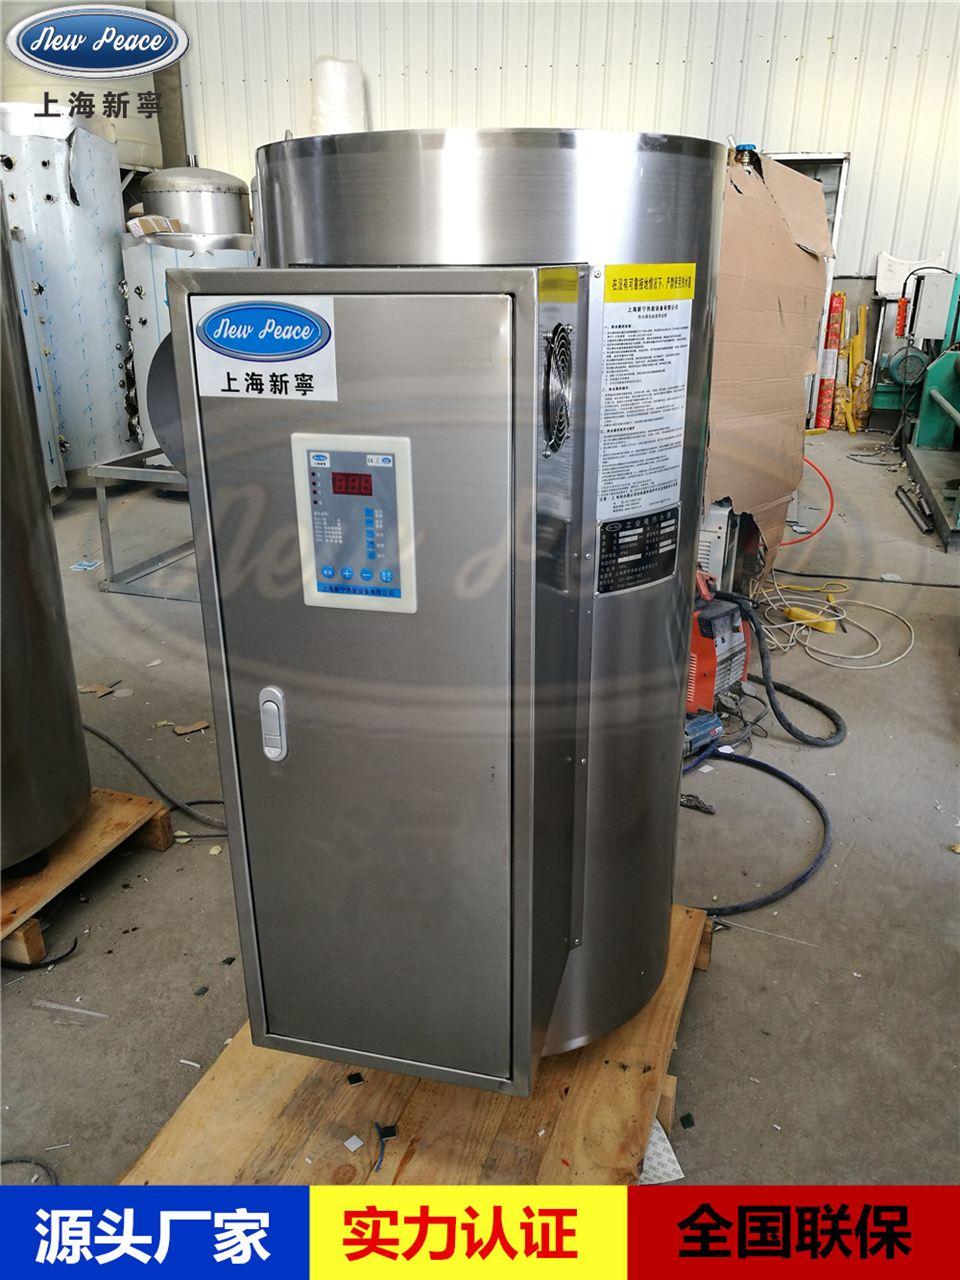 电热水器主要技术参数: 1)型号:np500-40 2)额定电压:380v 3)额定